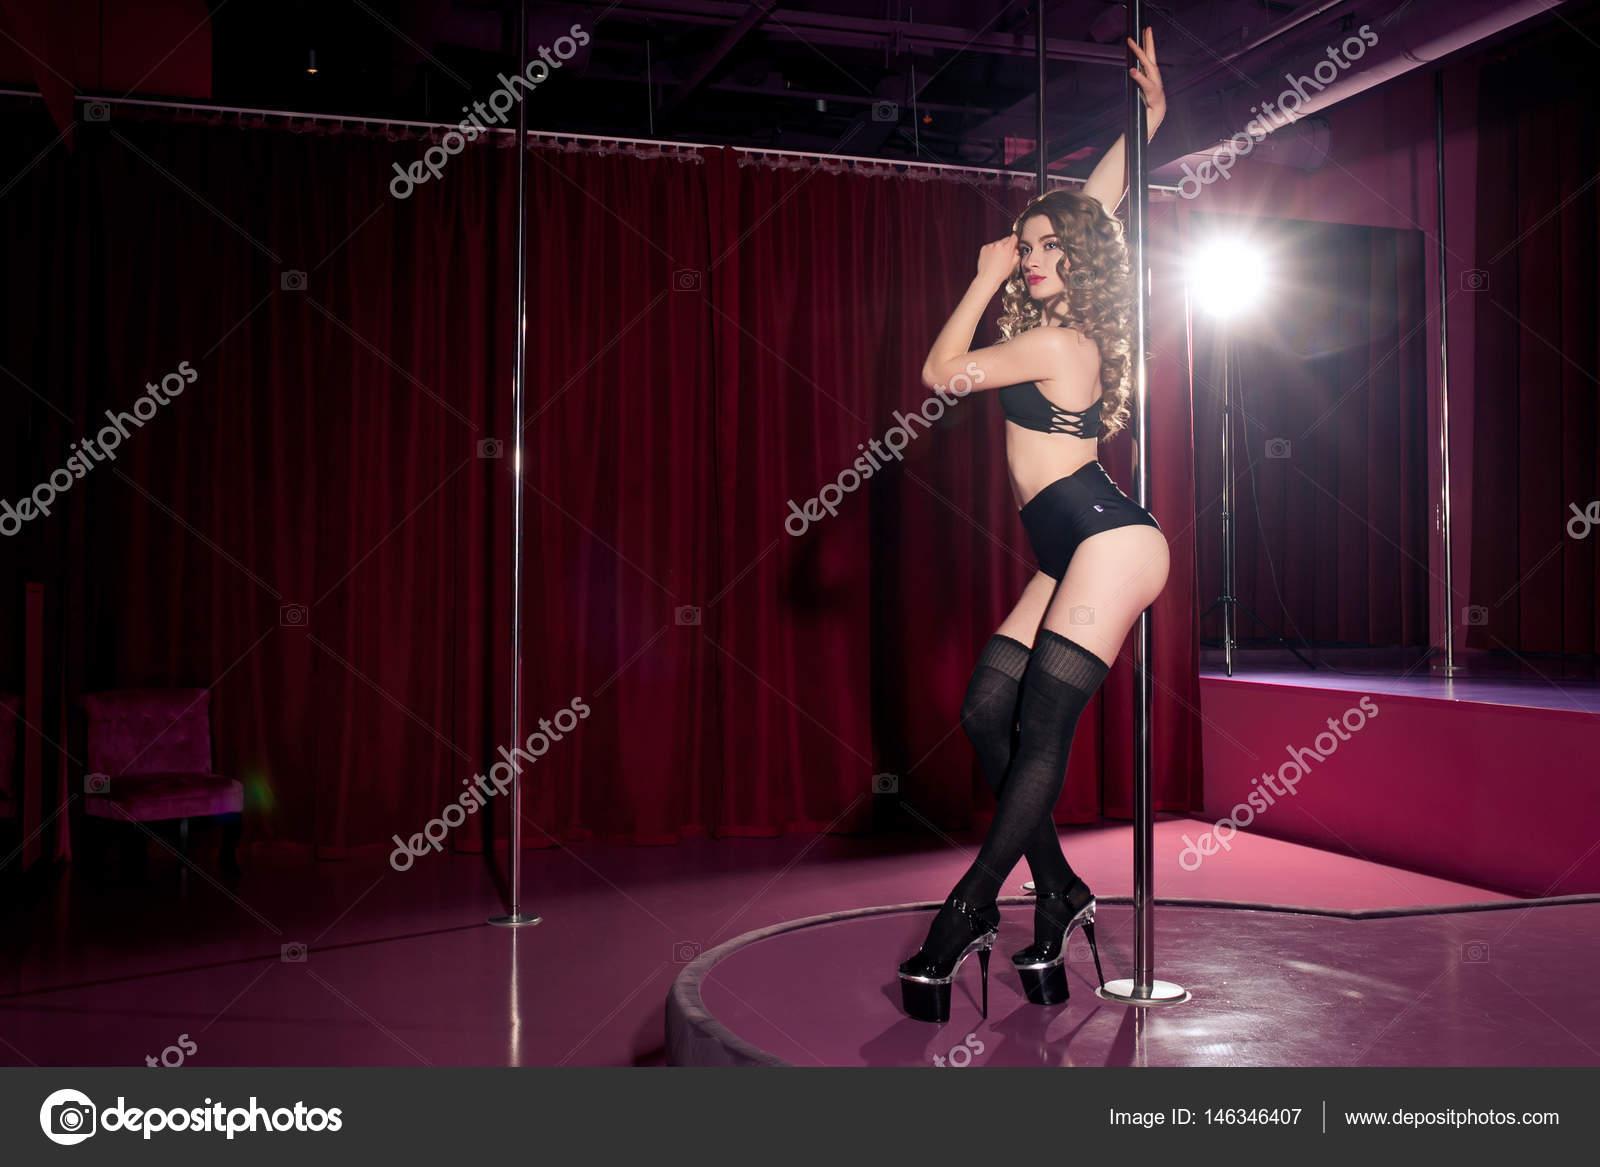 Сексапильная красотка танцует стриптиз на шесте